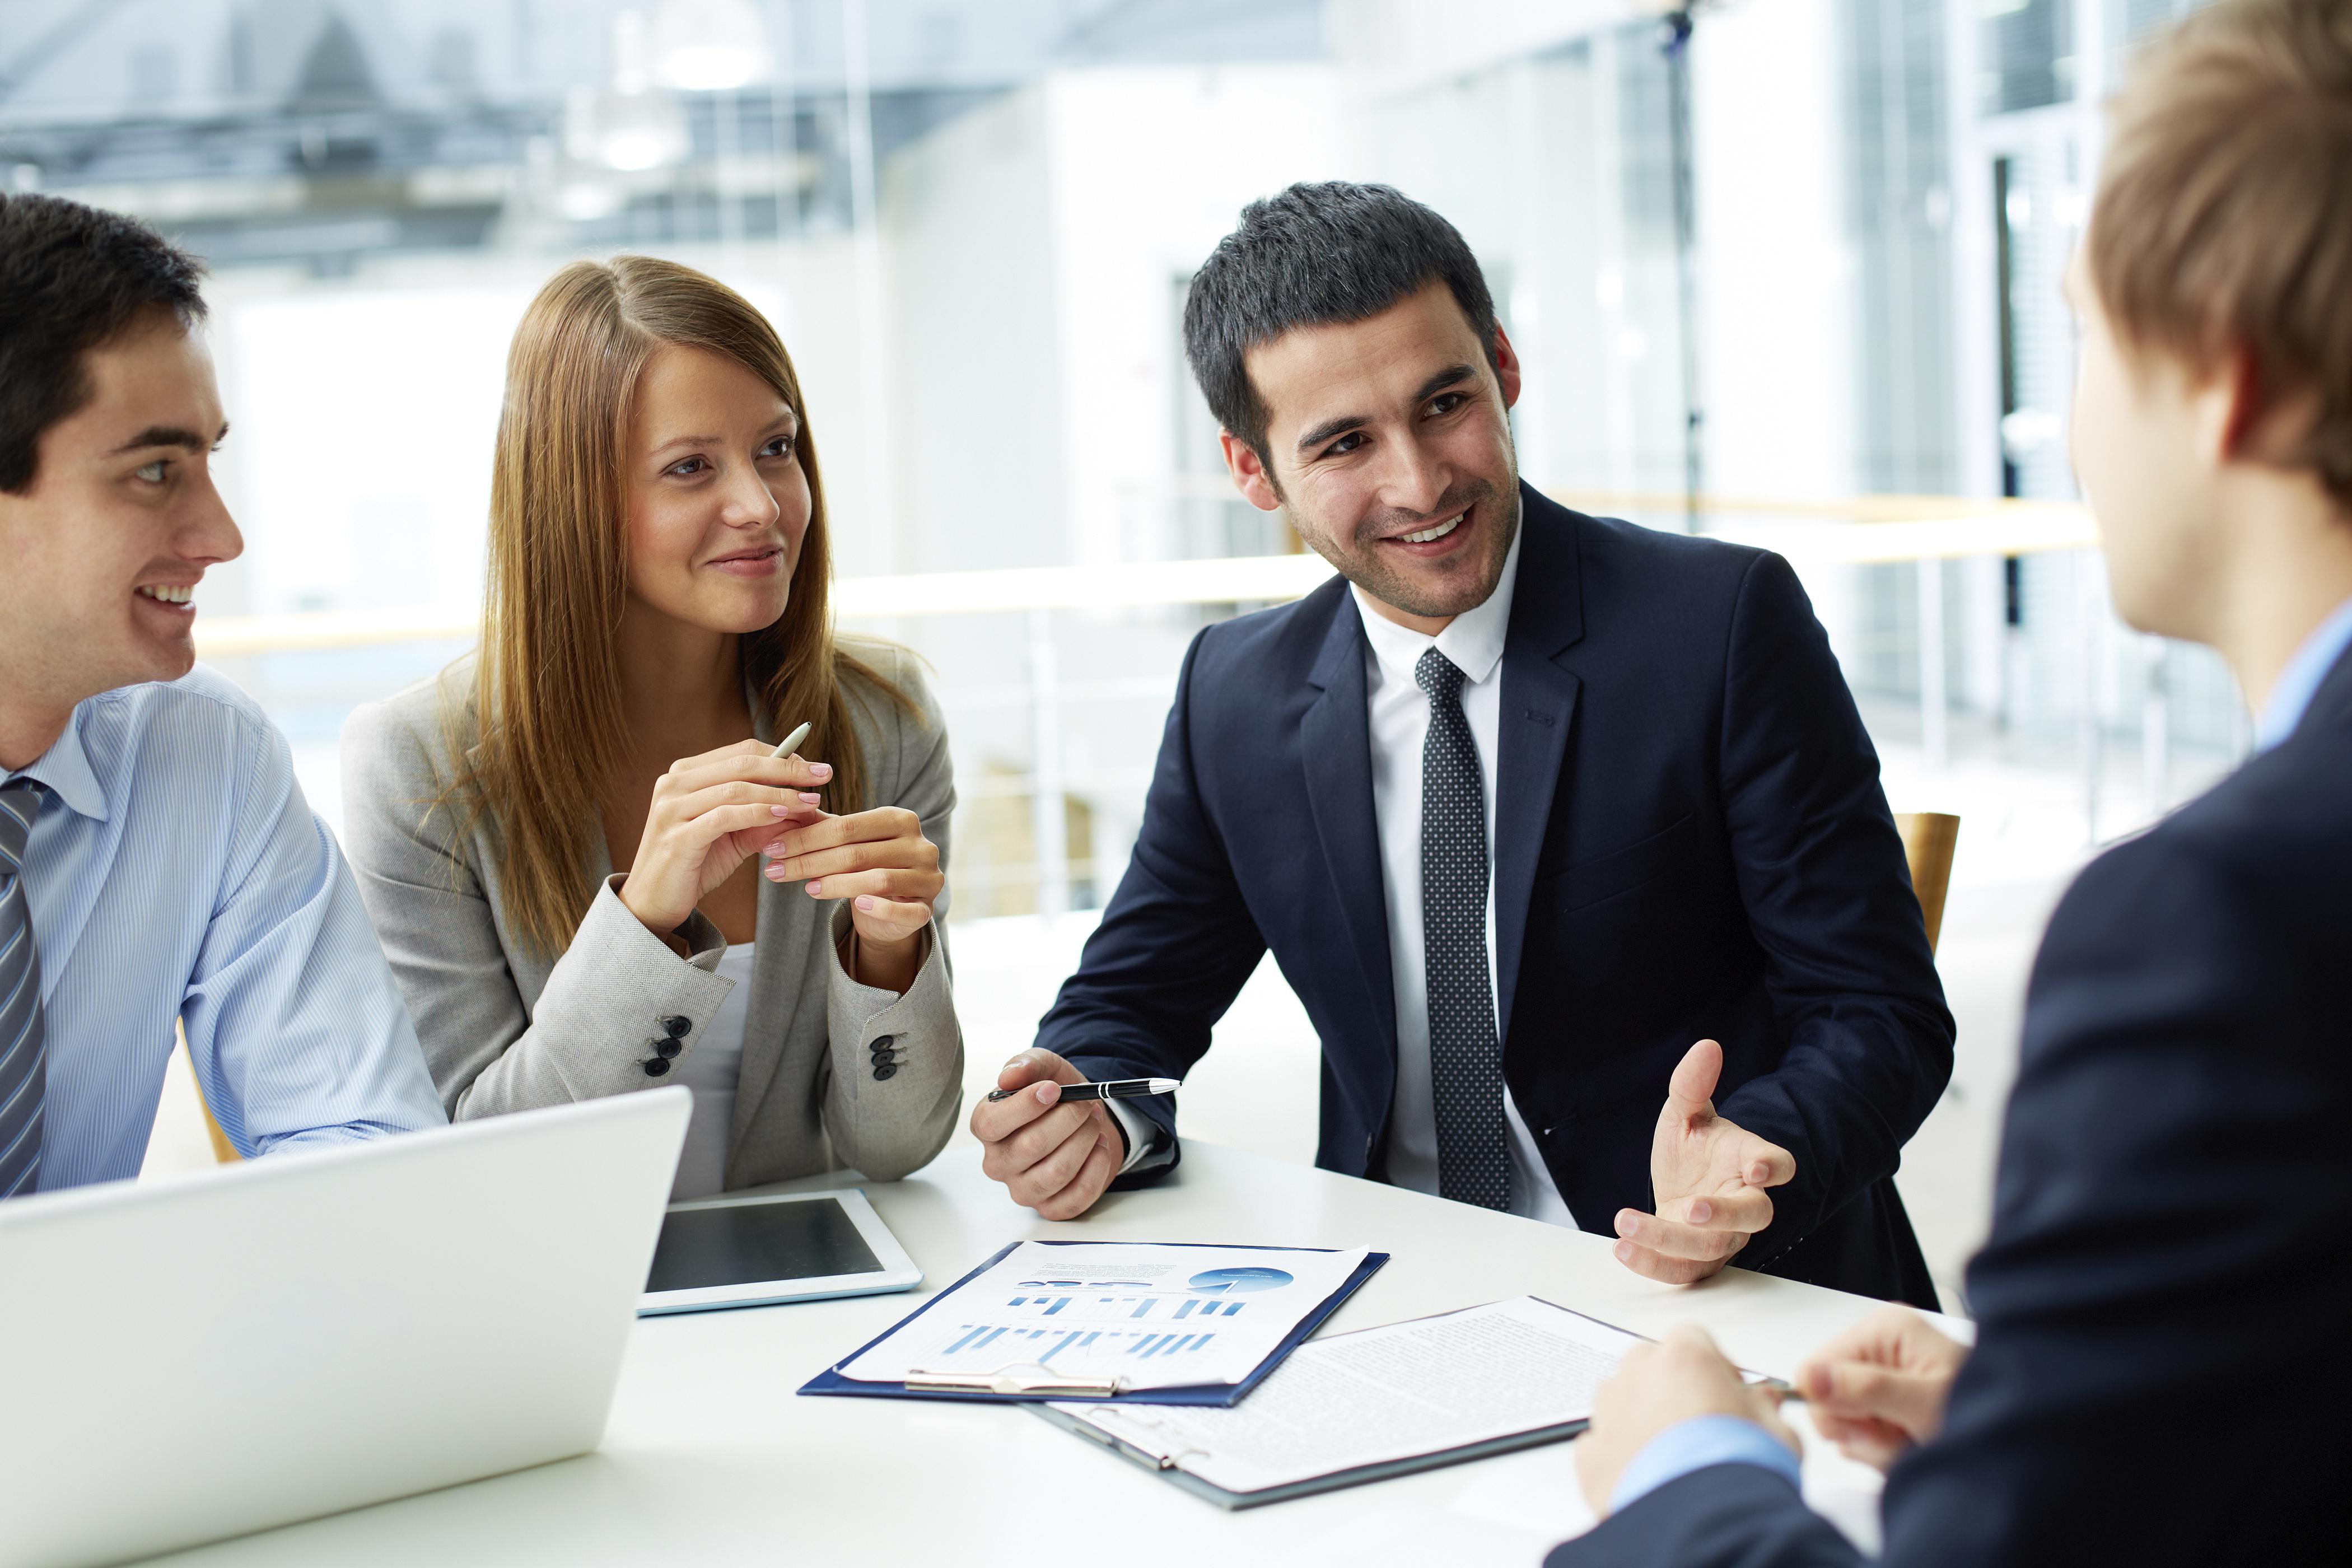 Усмивката може да Ви донесе повишение<br /> Установено е, че вероятността да бъдат повишени е по-голяма за усмихнатите служители, тъй като началниците ги мислят за по-лесни за сработване и по-надеждни.<br /> Съществуват 19 различни типа усмивка<br /> Изследователи са идентифицирали 19 различни типа усмивка - от учтива и социална до широко ухилена гримаса.